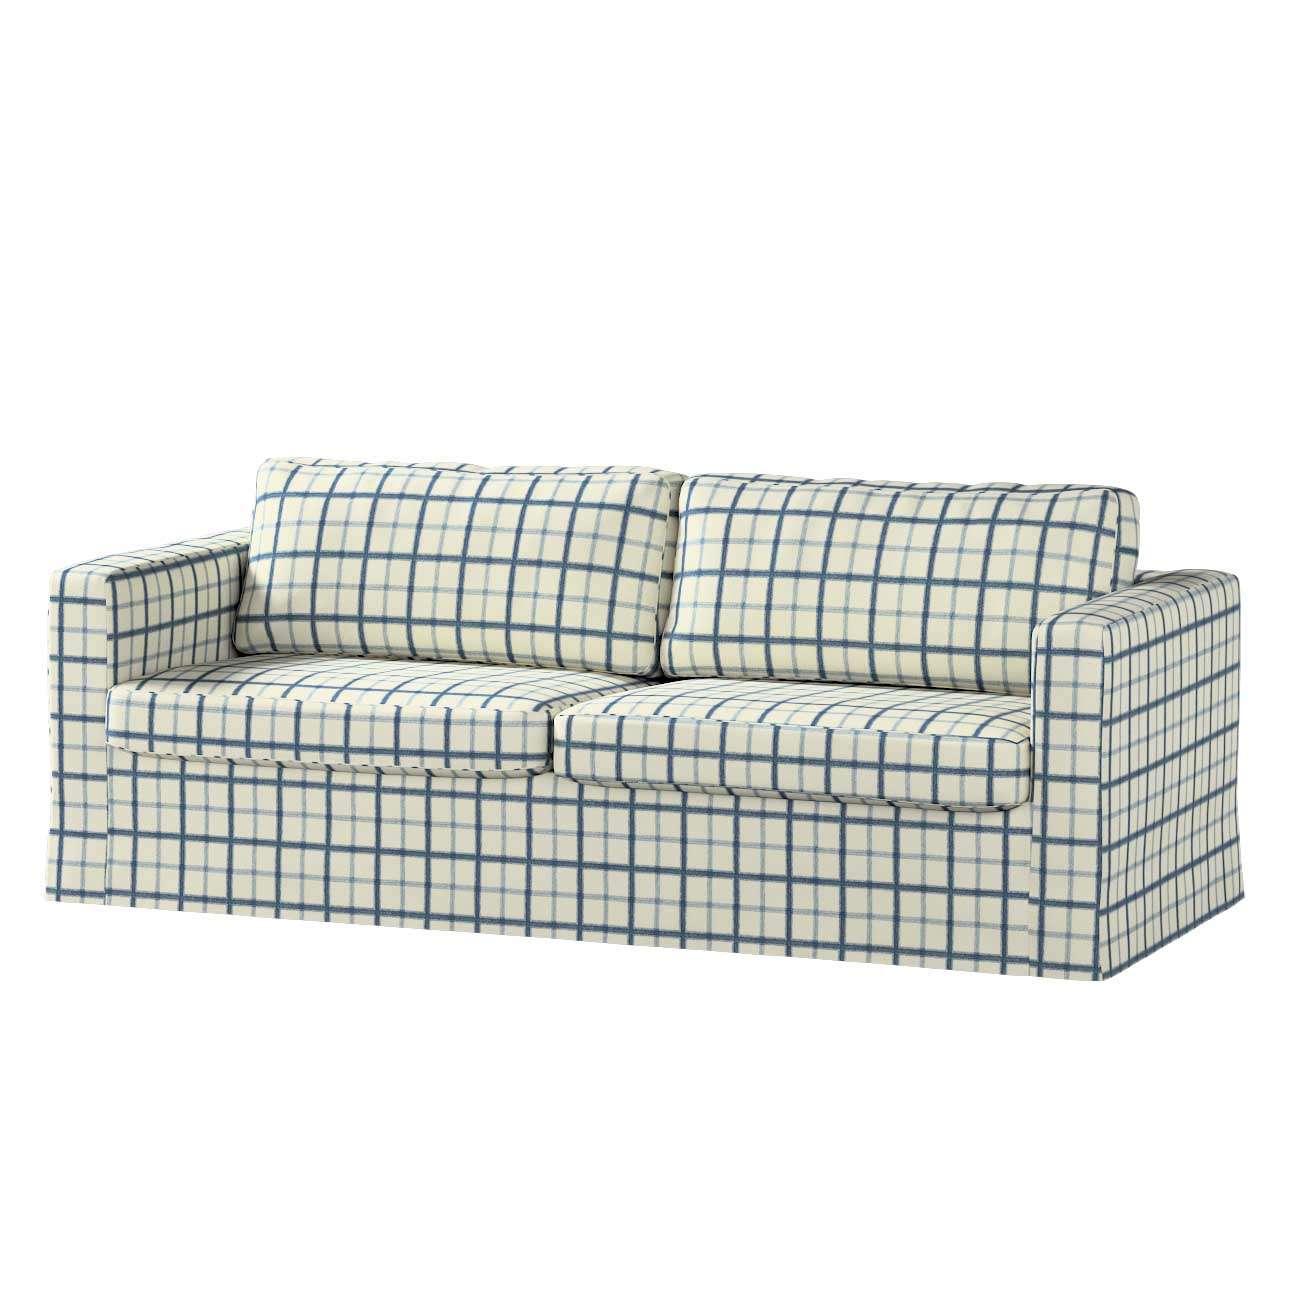 Pokrowiec na sofę Karlstad 3-osobową nierozkładaną, długi Sofa Karlstad 3-osobowa w kolekcji Avinon, tkanina: 131-66